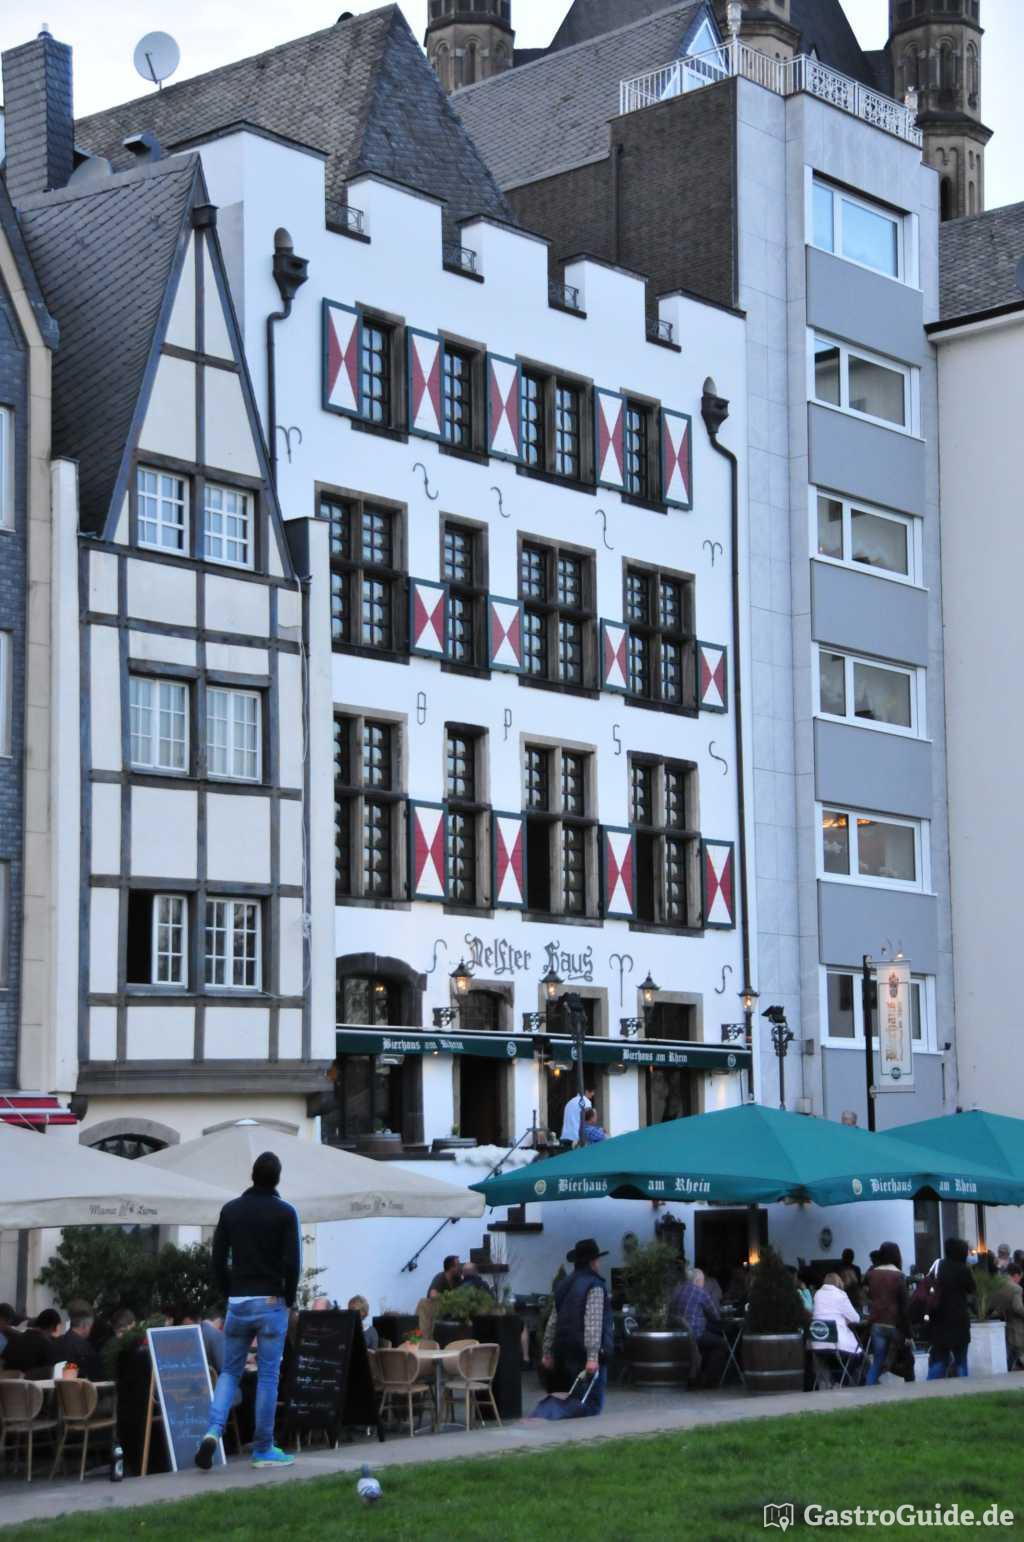 bierhaus am rhein restaurant gasthaus wirtshaus brauhaus in 50667 k ln. Black Bedroom Furniture Sets. Home Design Ideas